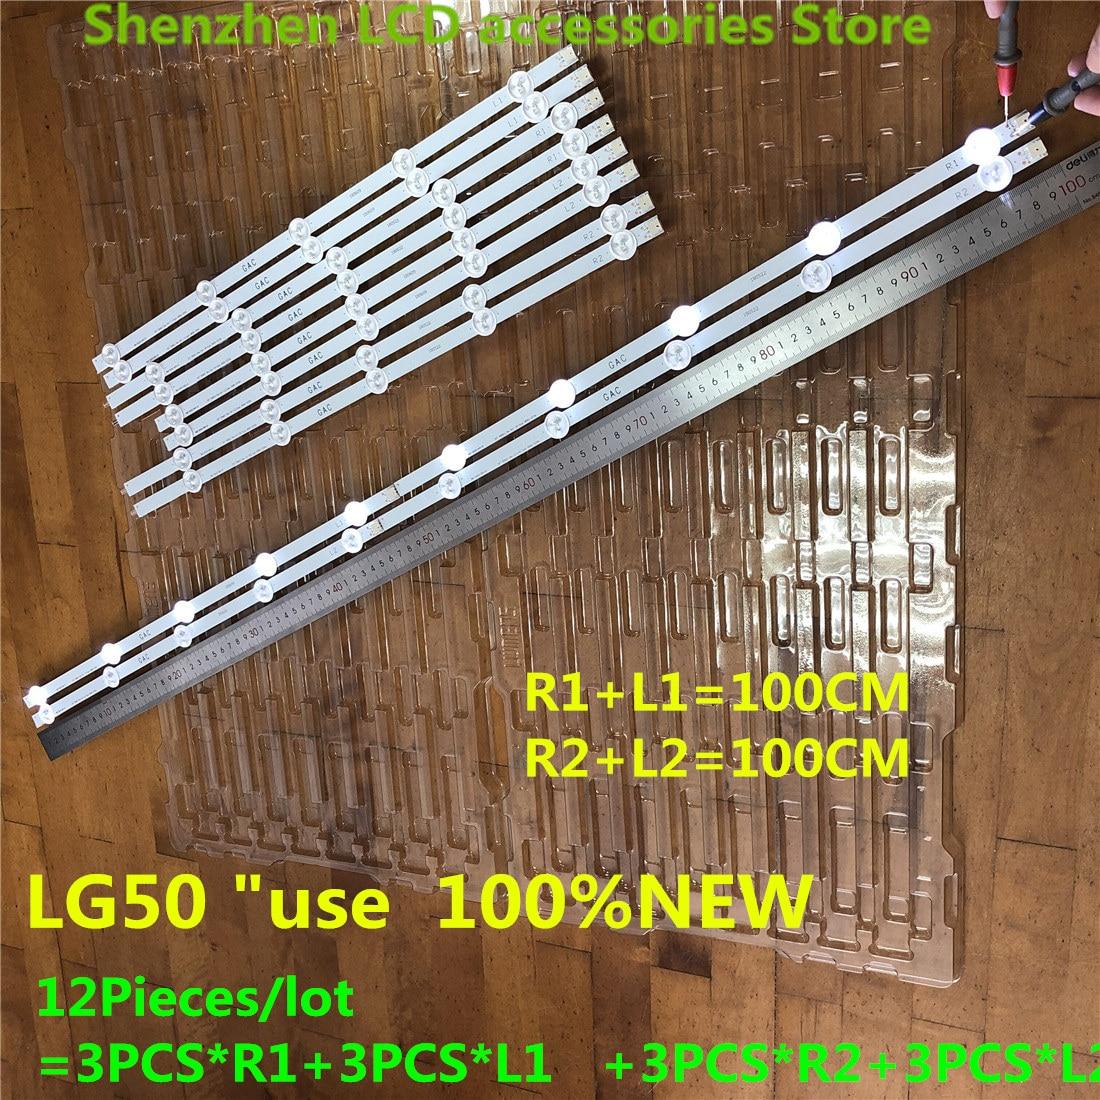 100%NEW  12piece/lot  LG 50LN5400-CA 6916L-1276A 6916L-1273A 6916L-1272A 6916L-1241A SUNG WEI 55V0 E74739 94V-0 50 Inches